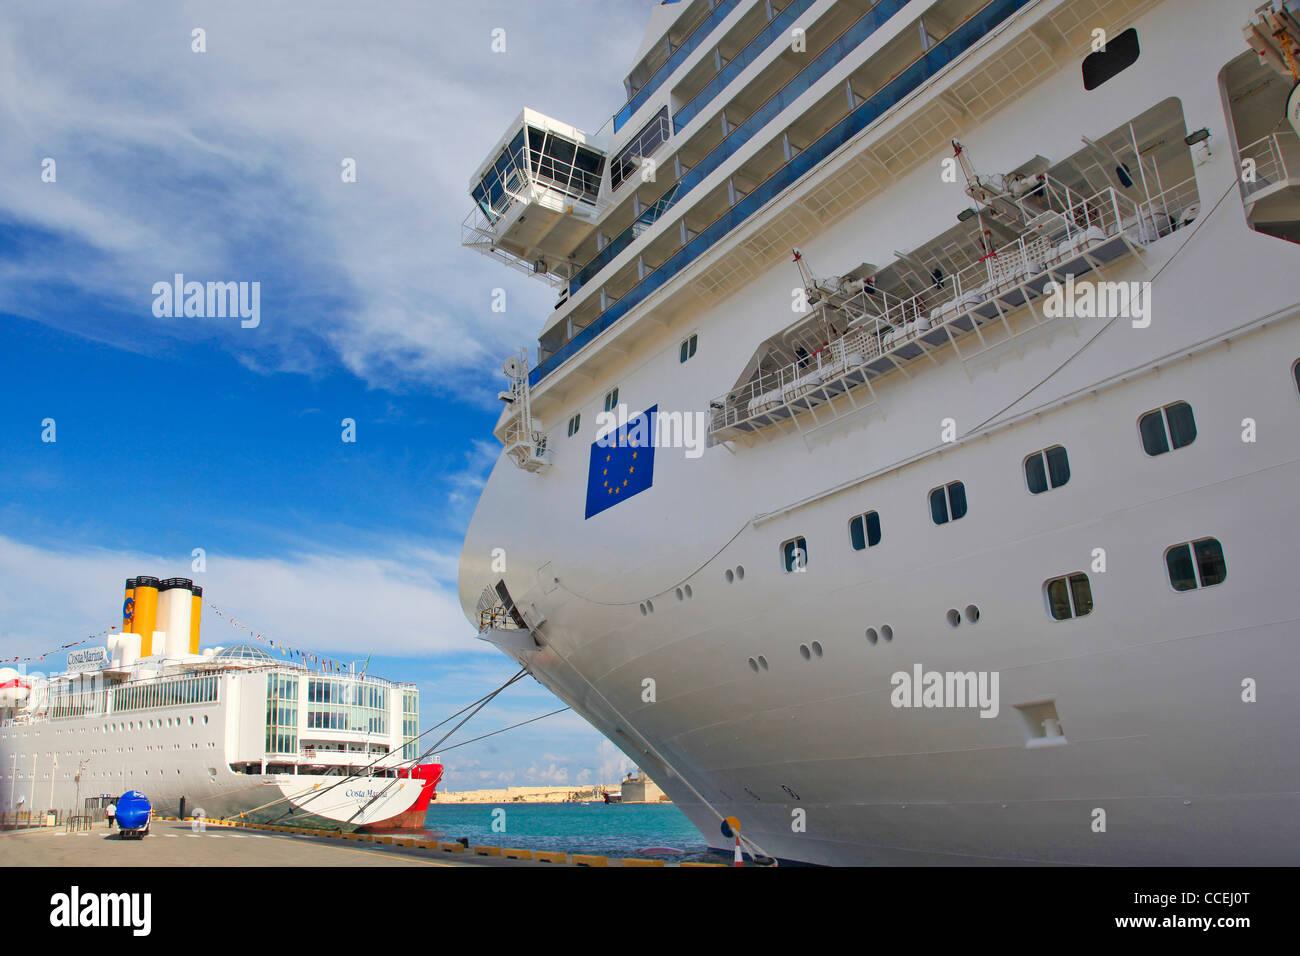 https://c8.alamy.com/comppt/ccej0t/enorme-costa-concordia-cruzeiro-navio-ancorado-no-porto-de-valletta-malta-paralelamente-ao-navio-costa-marina-relativamente-pequeno-sobre-o-belo-dia-ensolarado-ccej0t.jpg